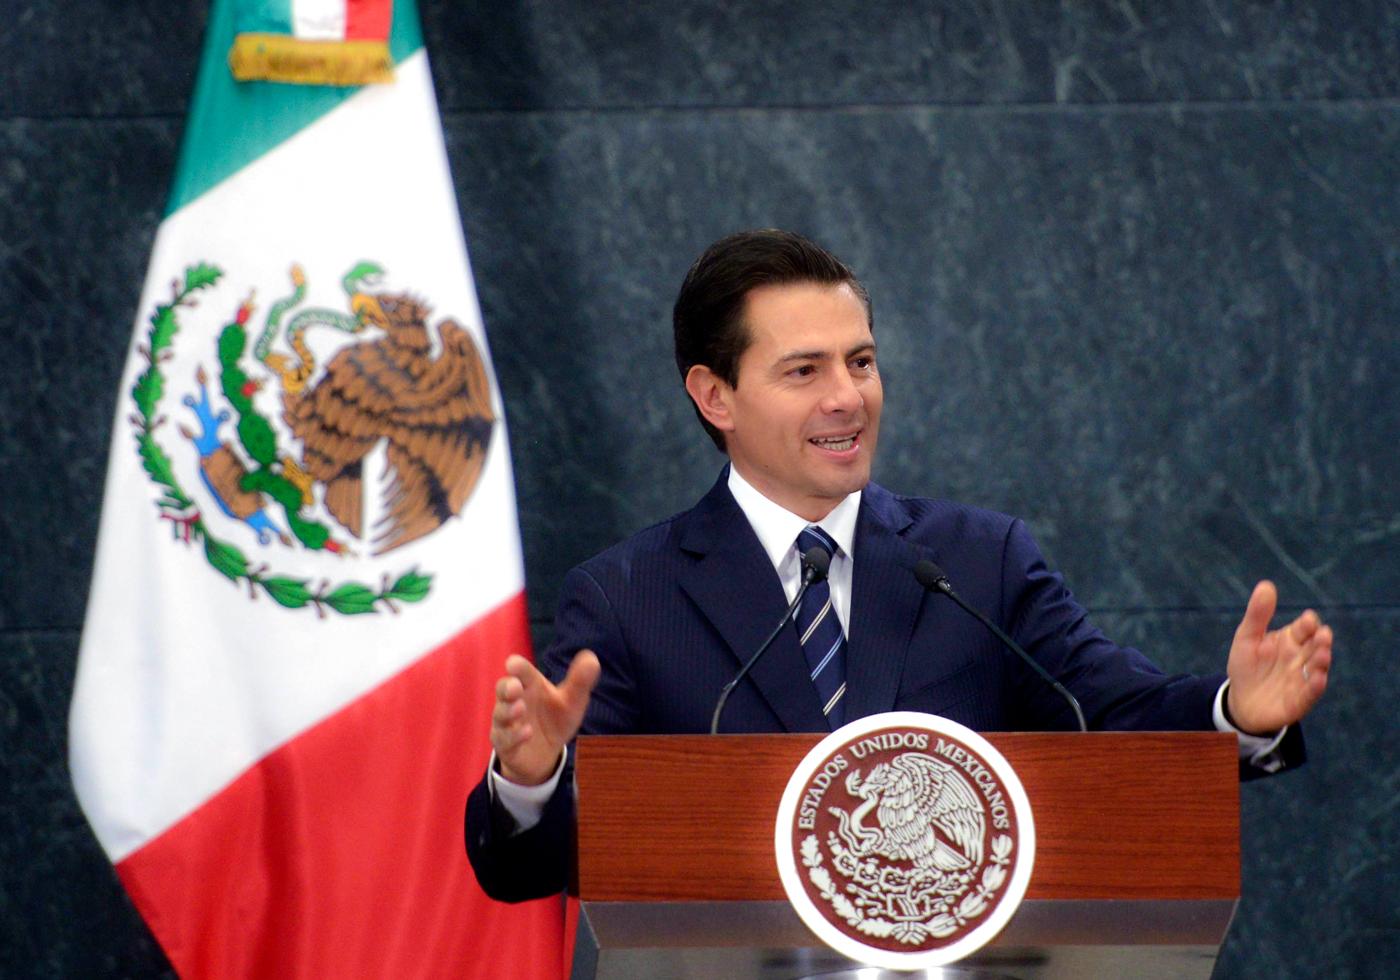 México mantendrá postura firme y constructiva sobre TLCAN: Peña Nieto